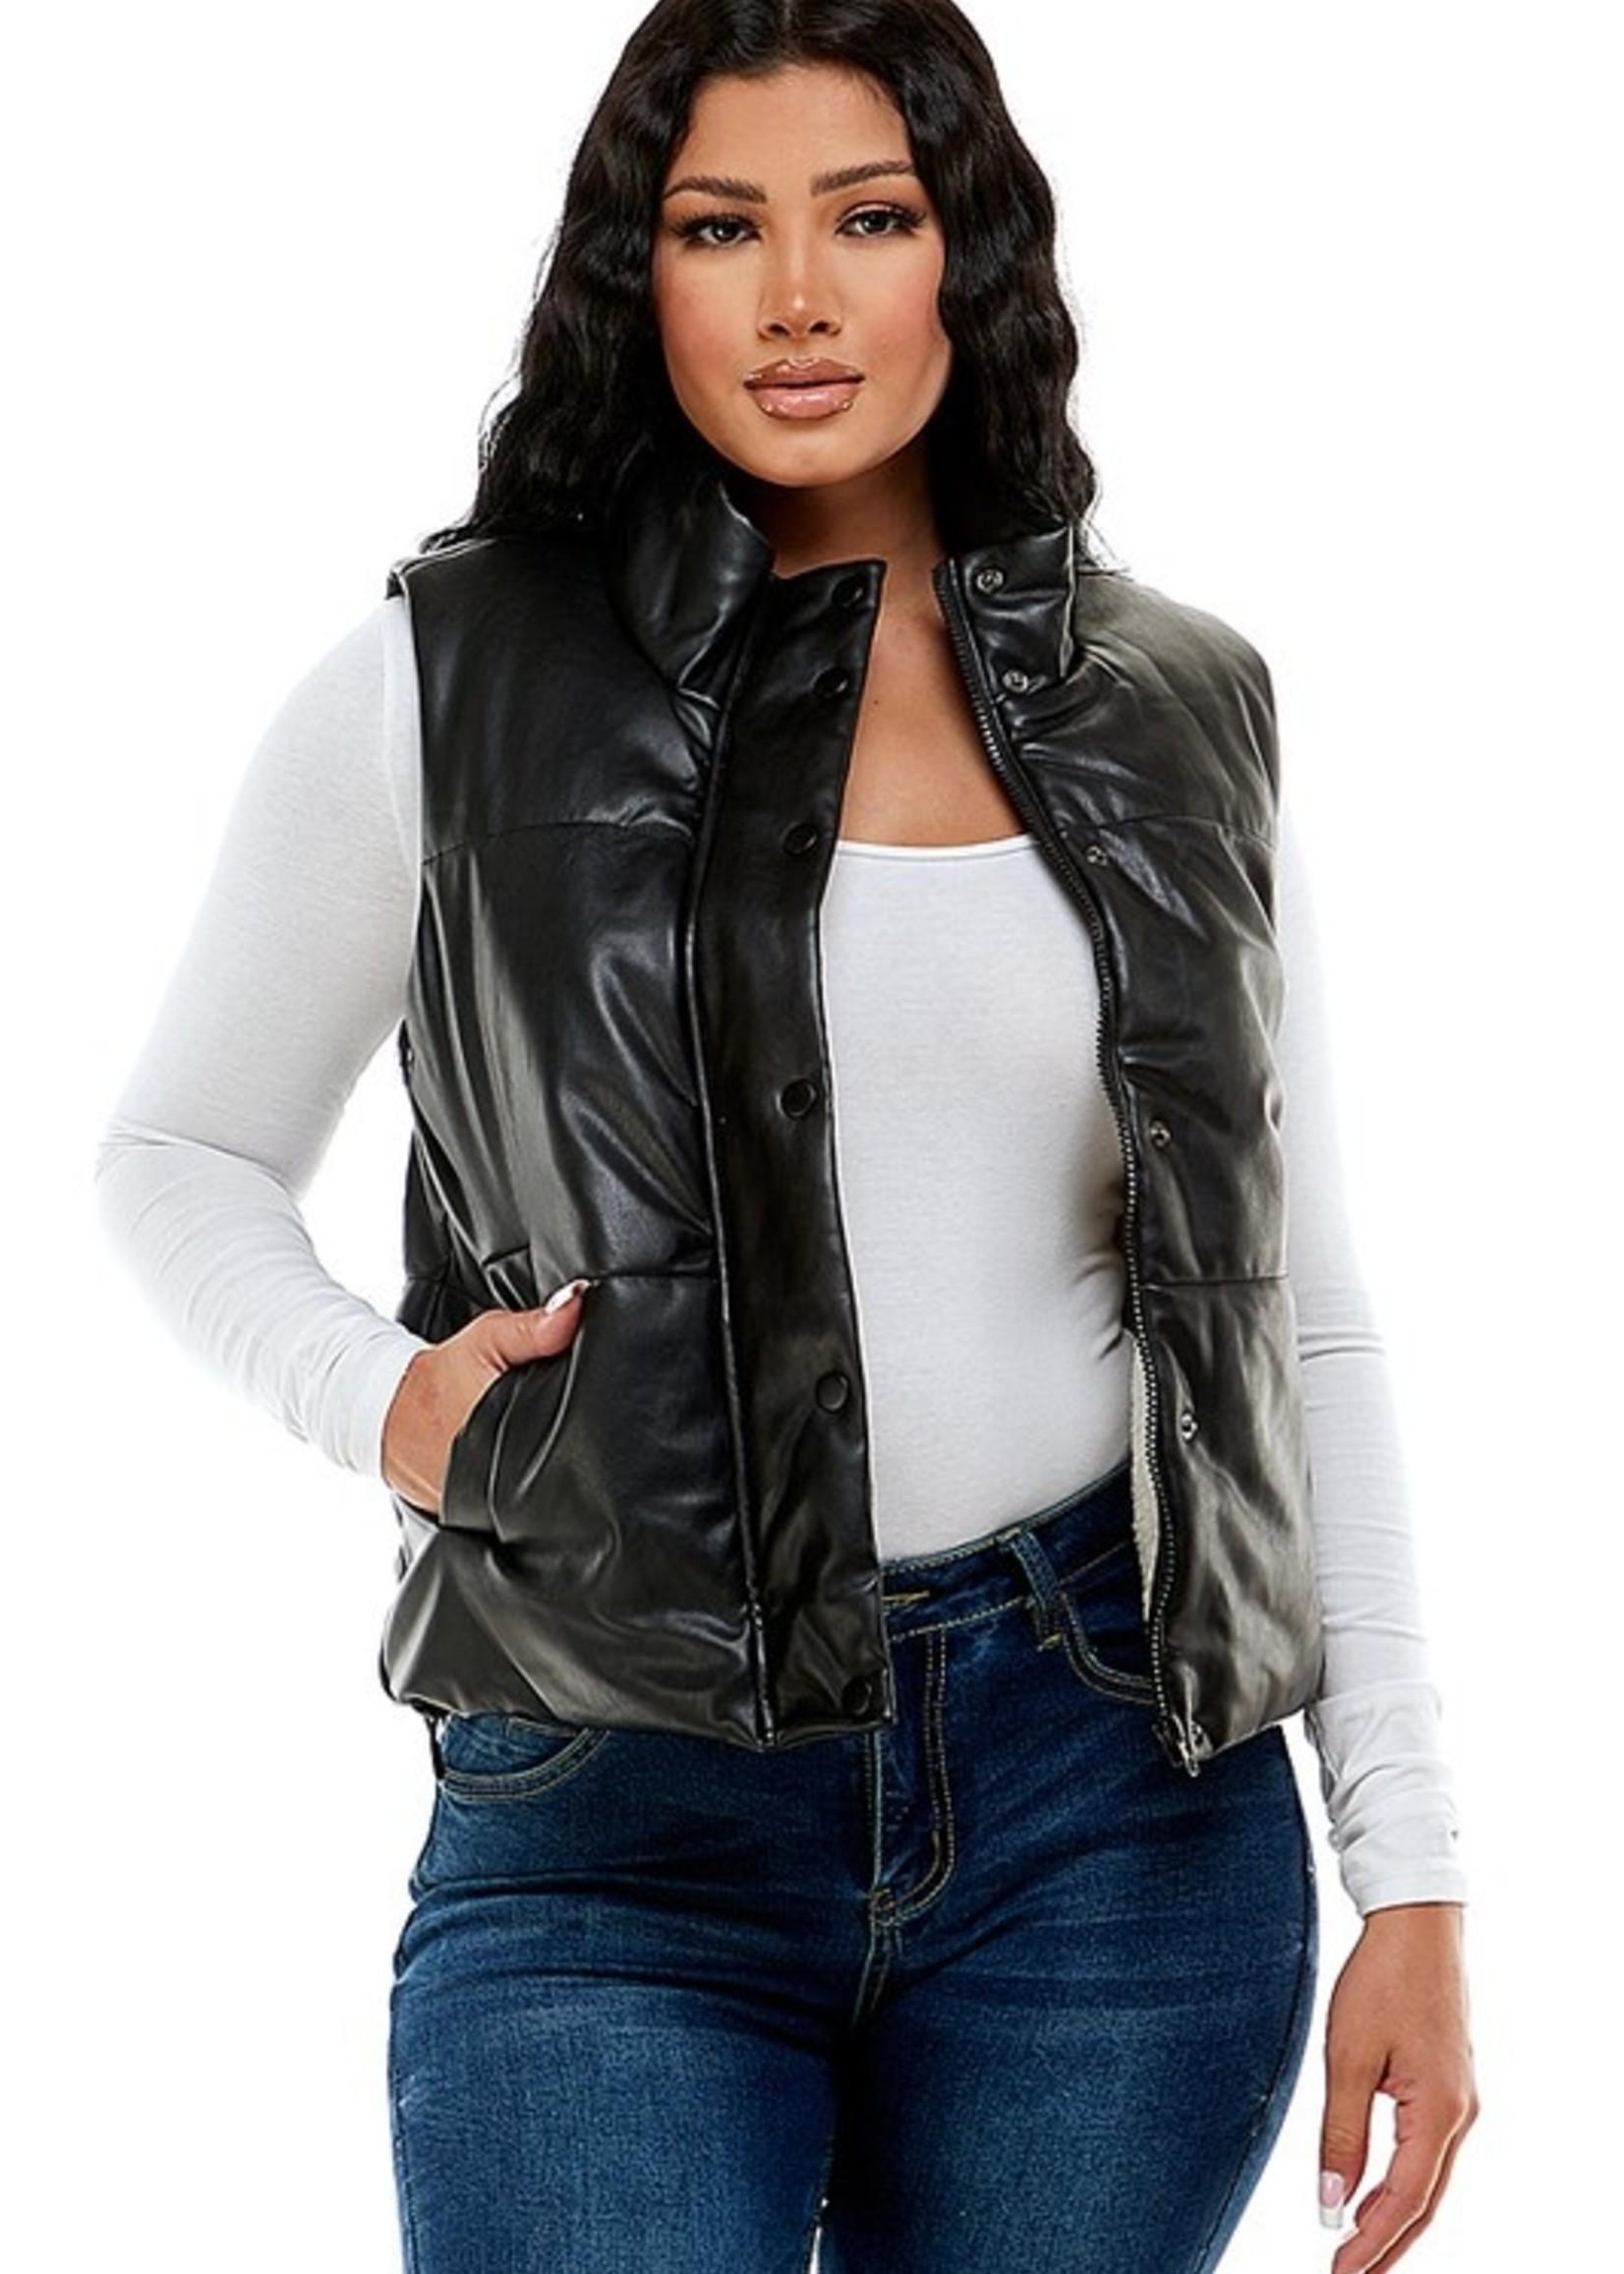 Faux leather vests